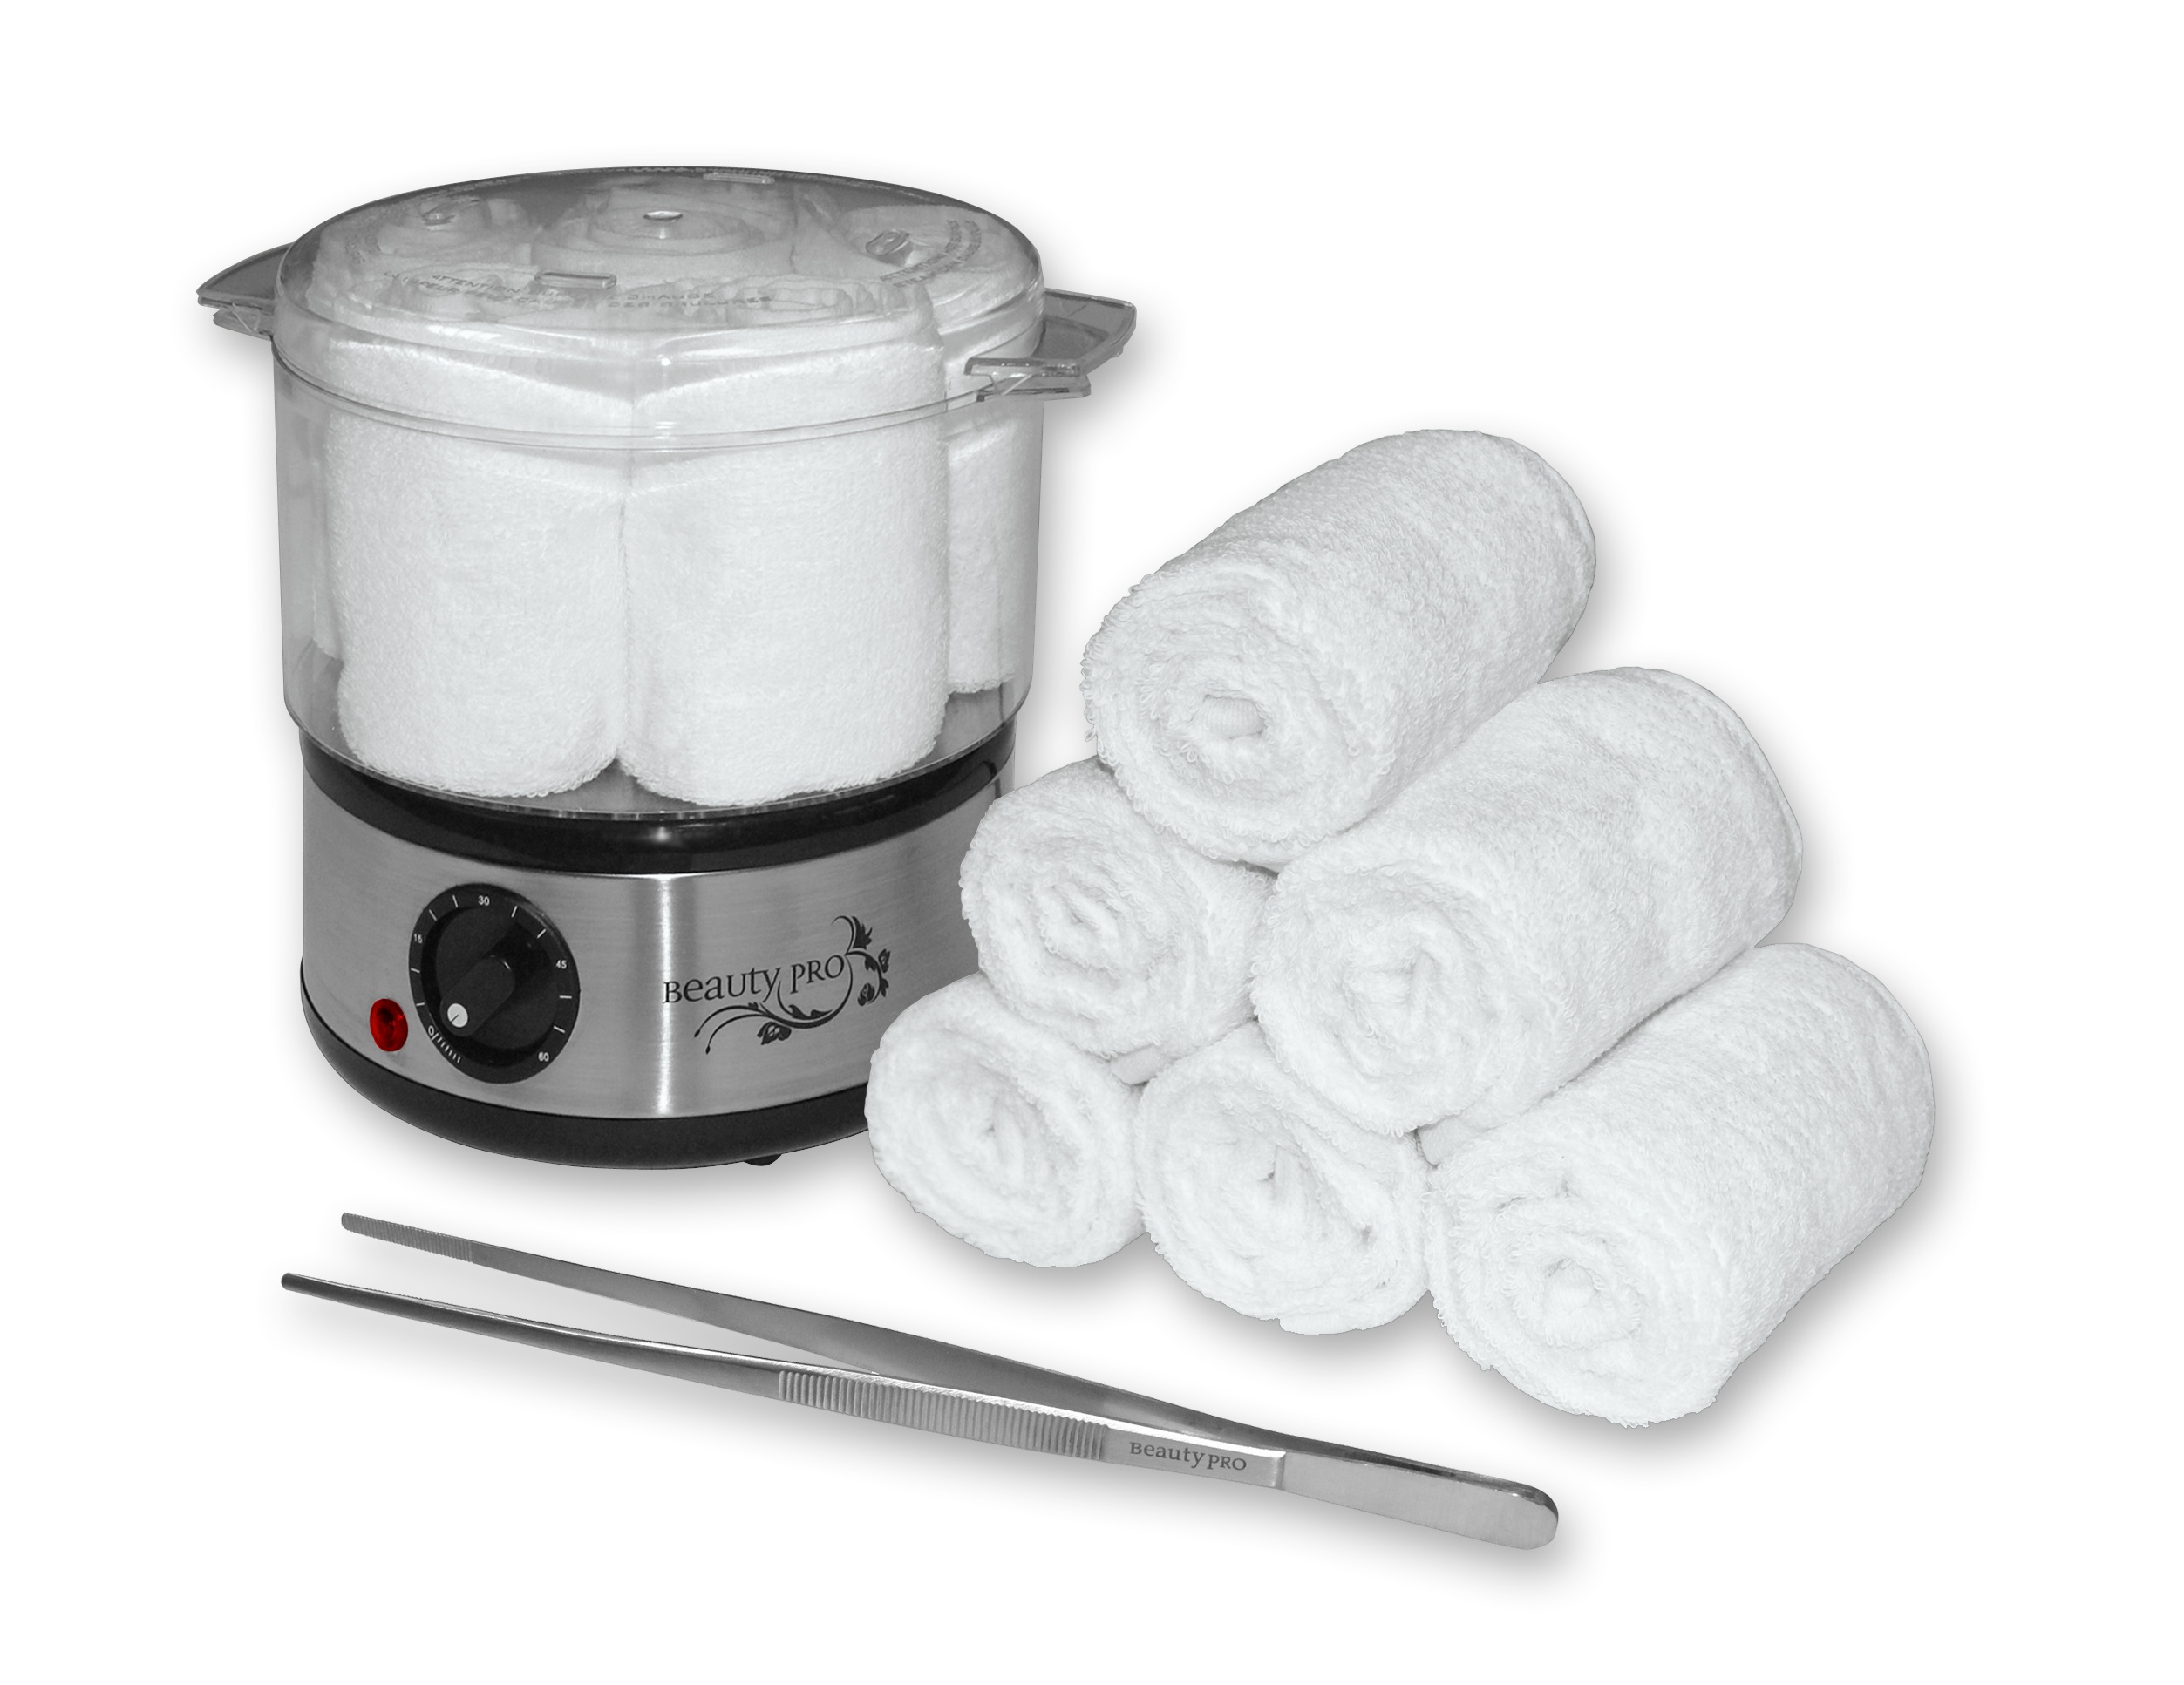 kit chauffe serviettes professionnel pince et 6 serviettes beauty pro. Black Bedroom Furniture Sets. Home Design Ideas